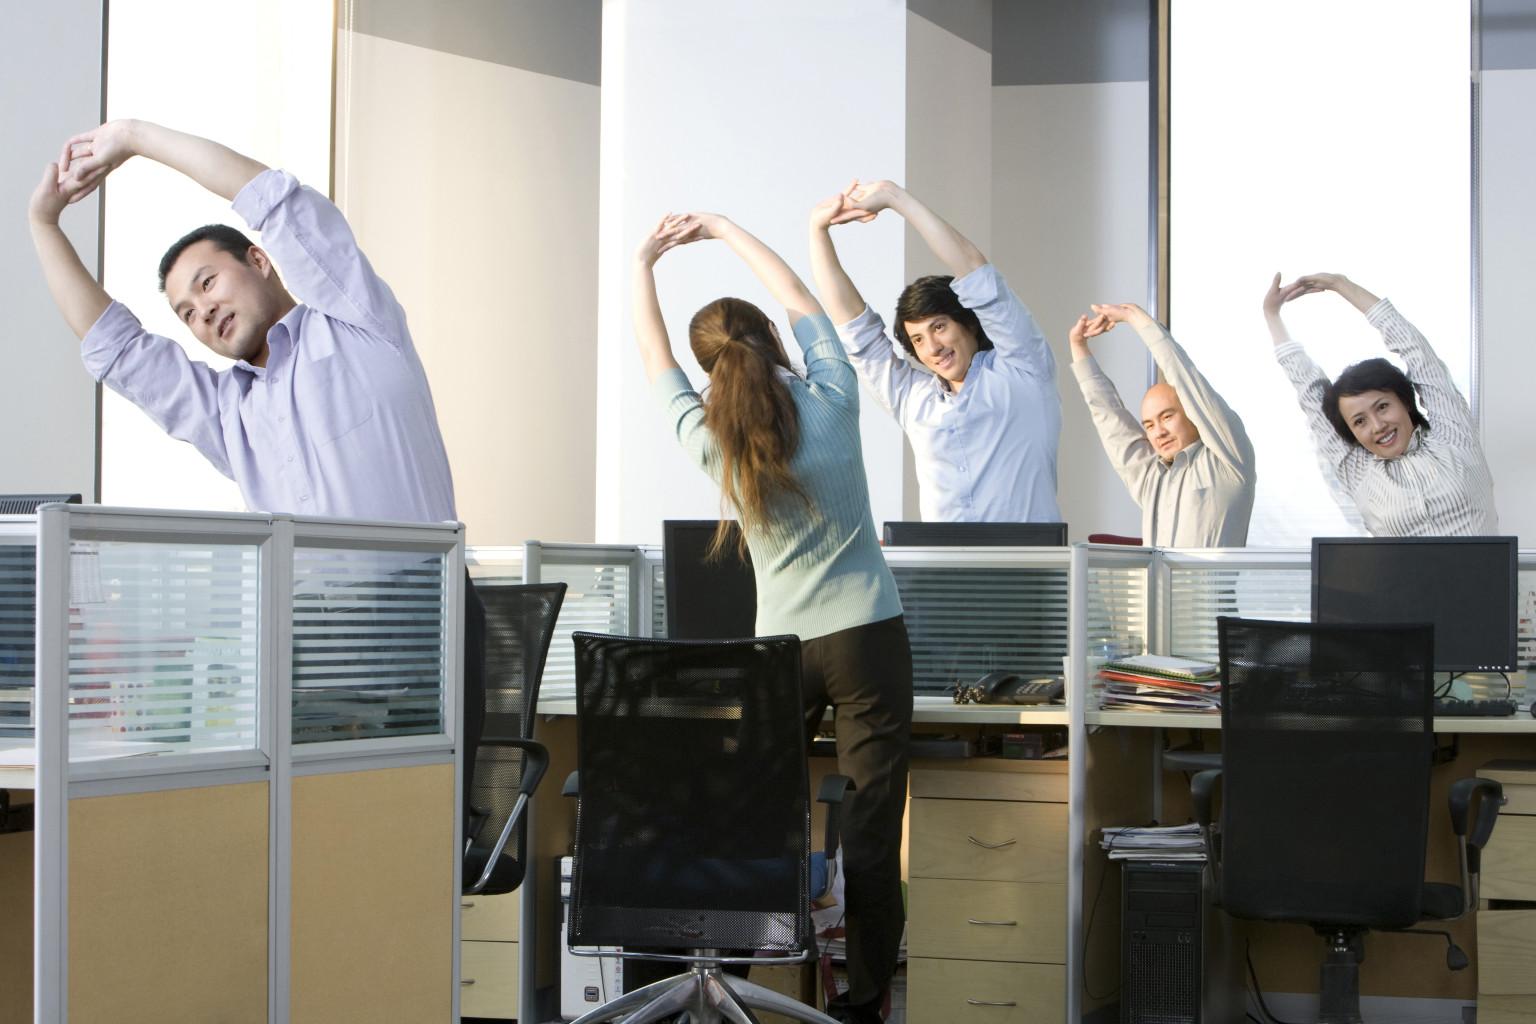 Ejercicios-de-estiramiento-que-podemos-hacer-en-la-oficina